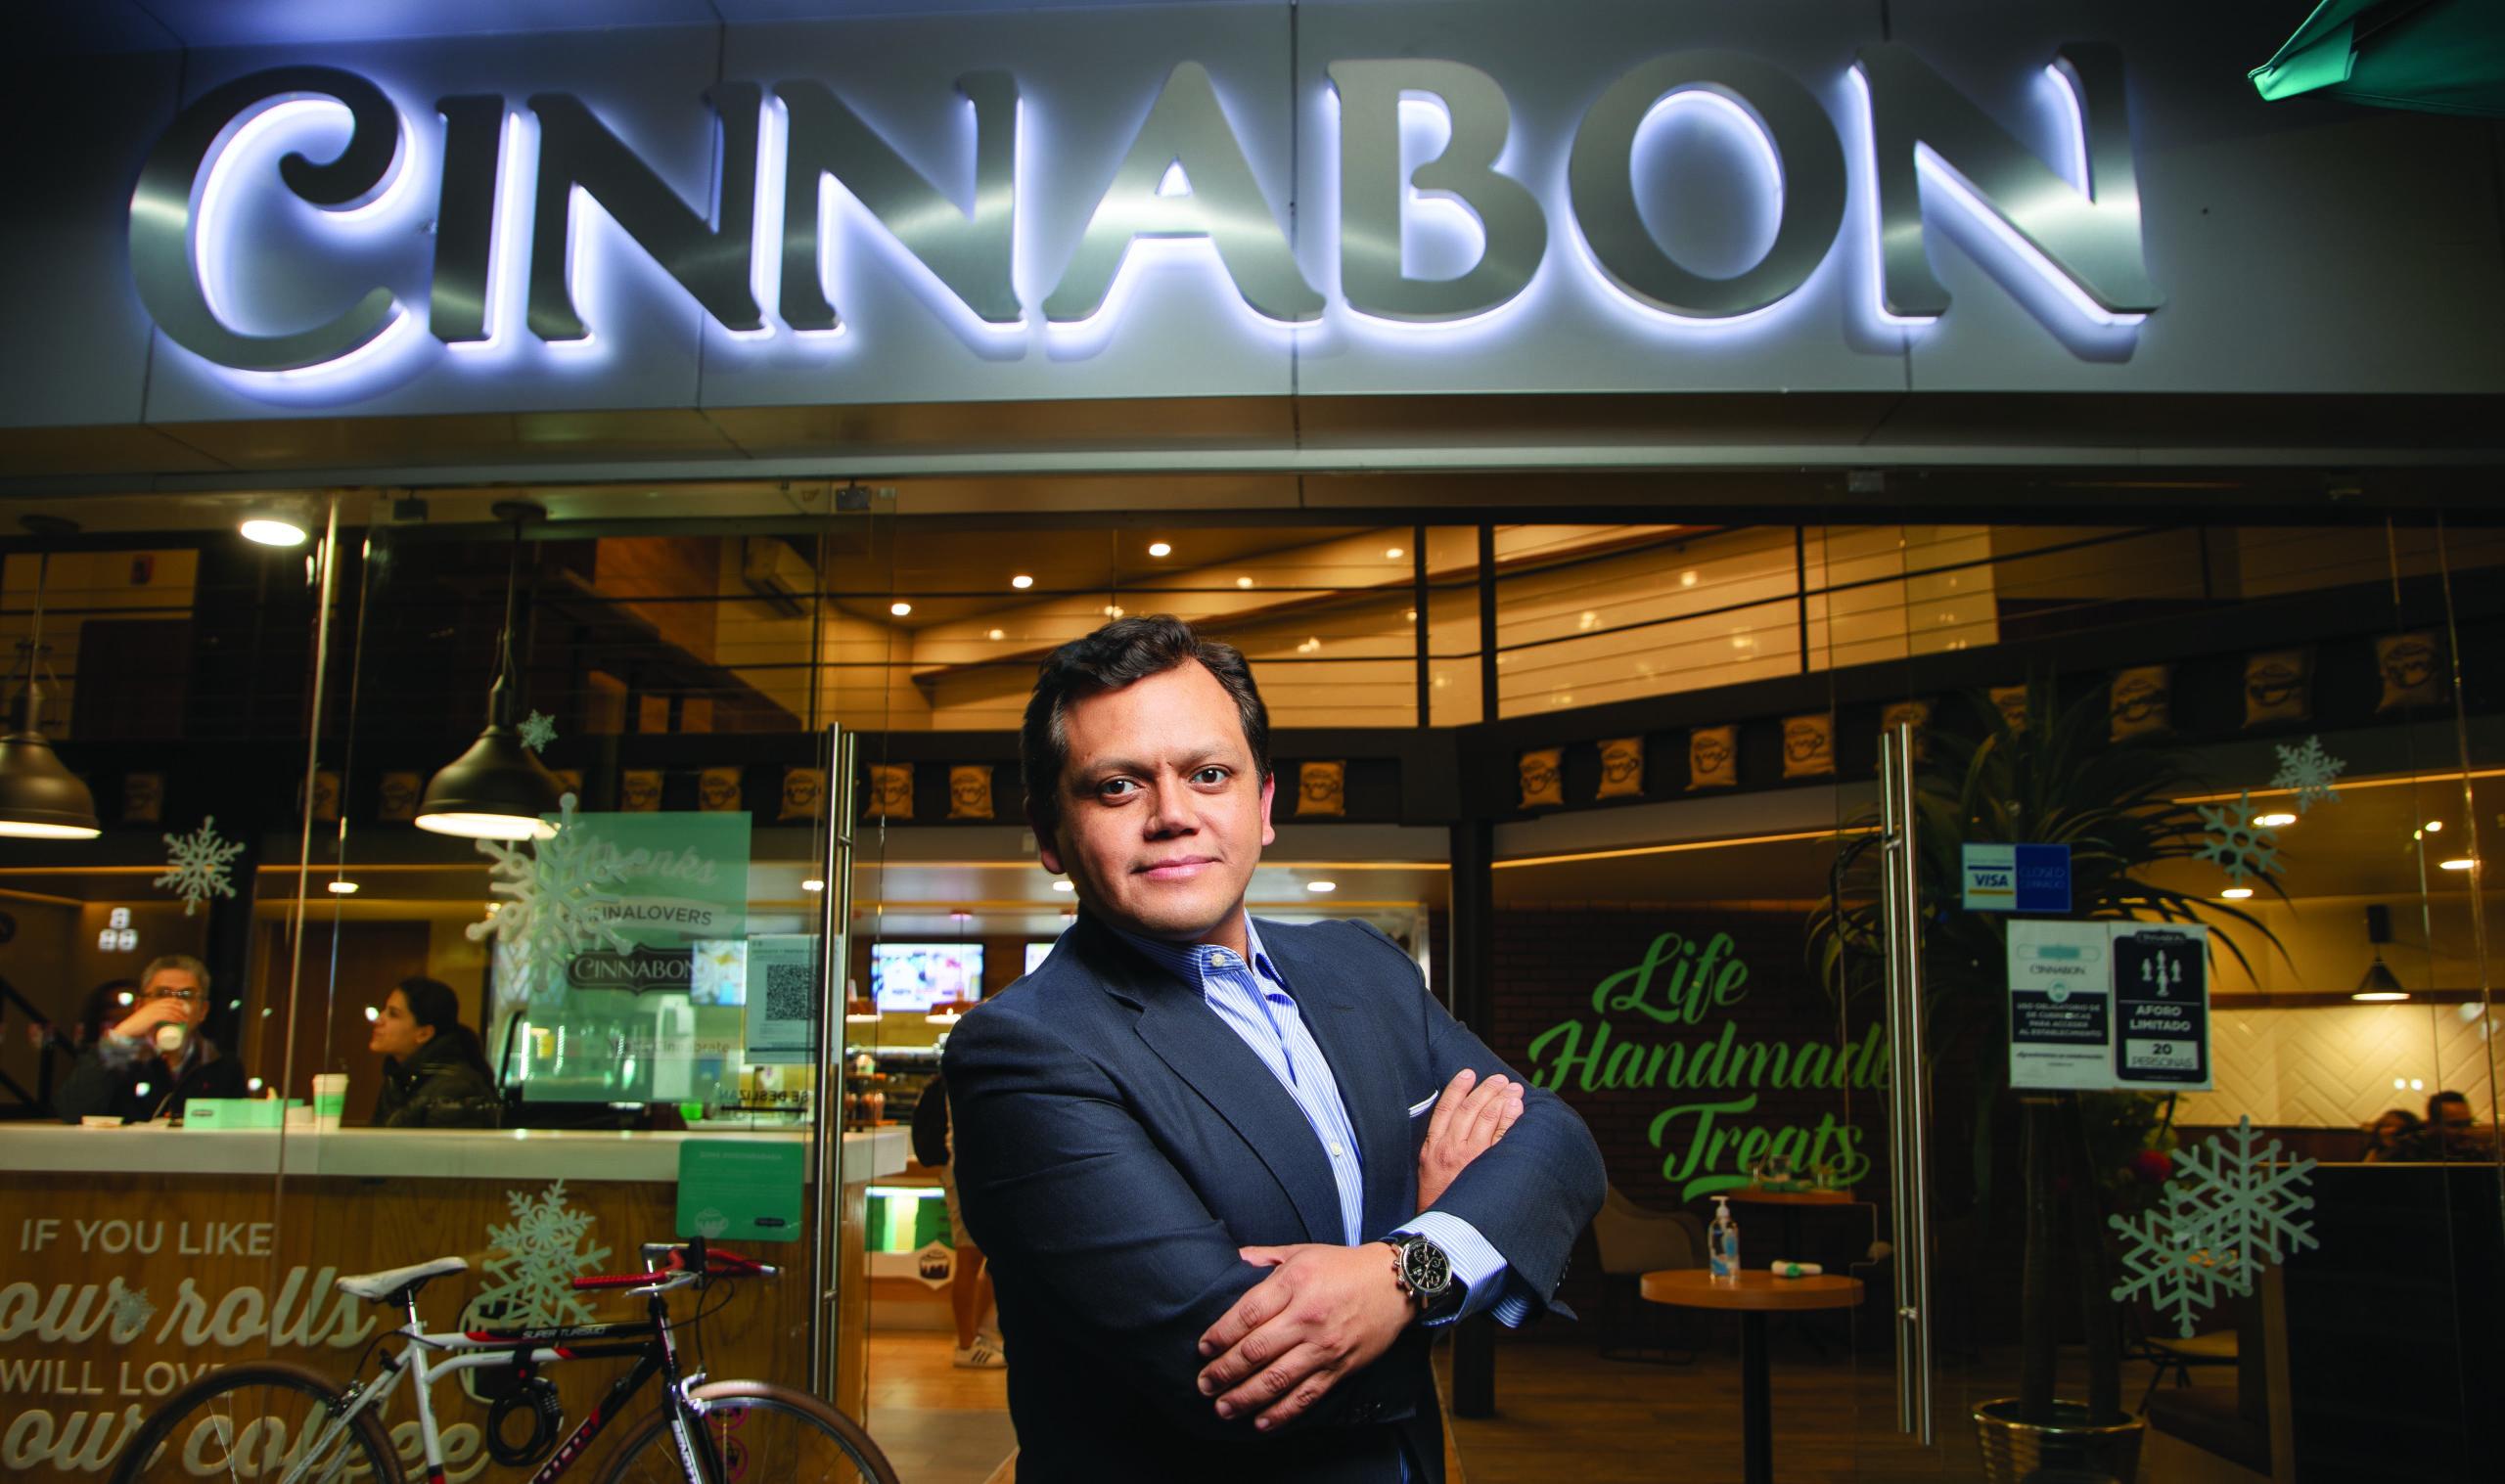 Un gigante en ciernes, nuevo concepto en restaurantes